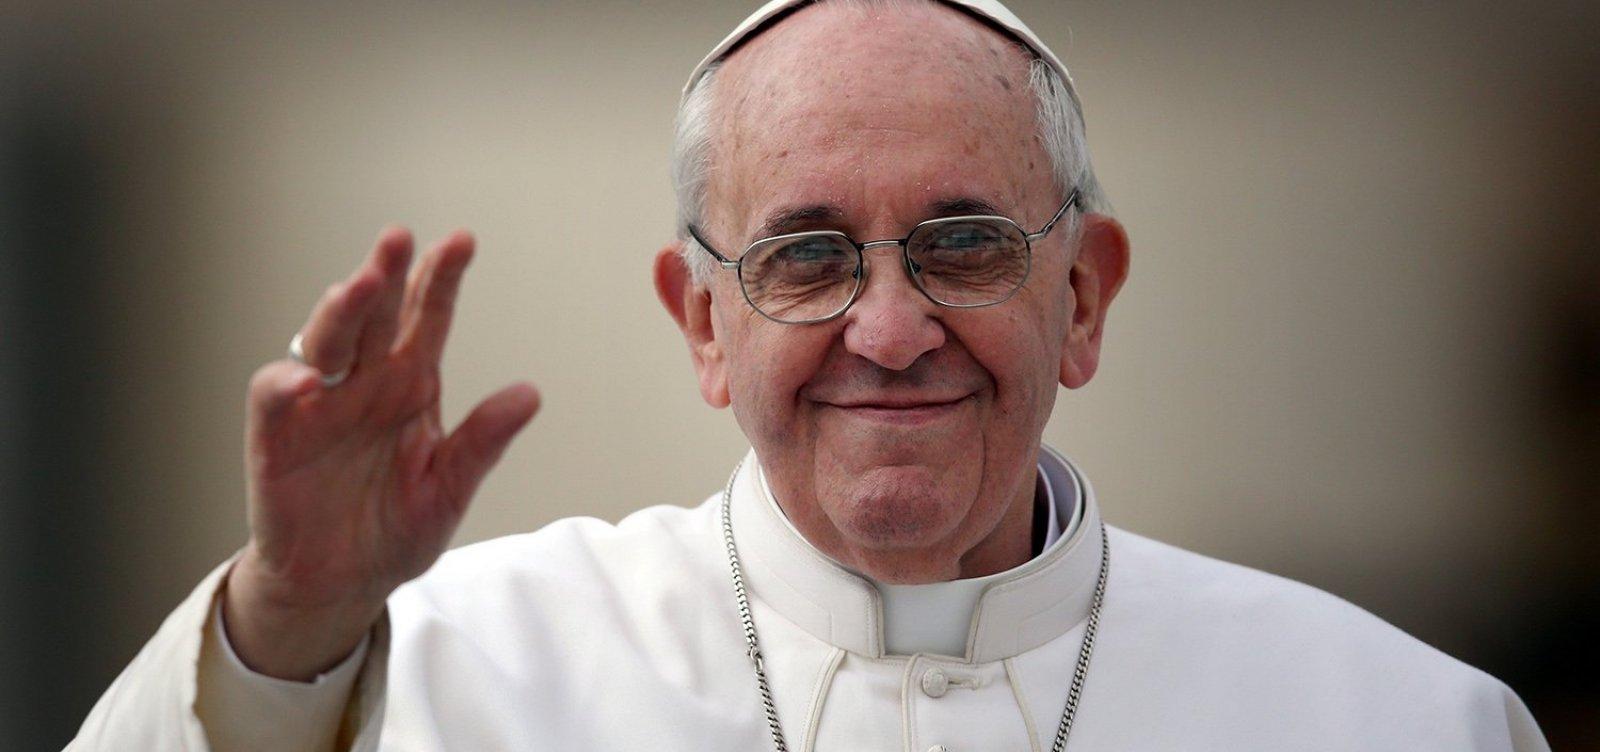 [Papa Francisco compara o aborto ao uso de 'matador de aluguel']